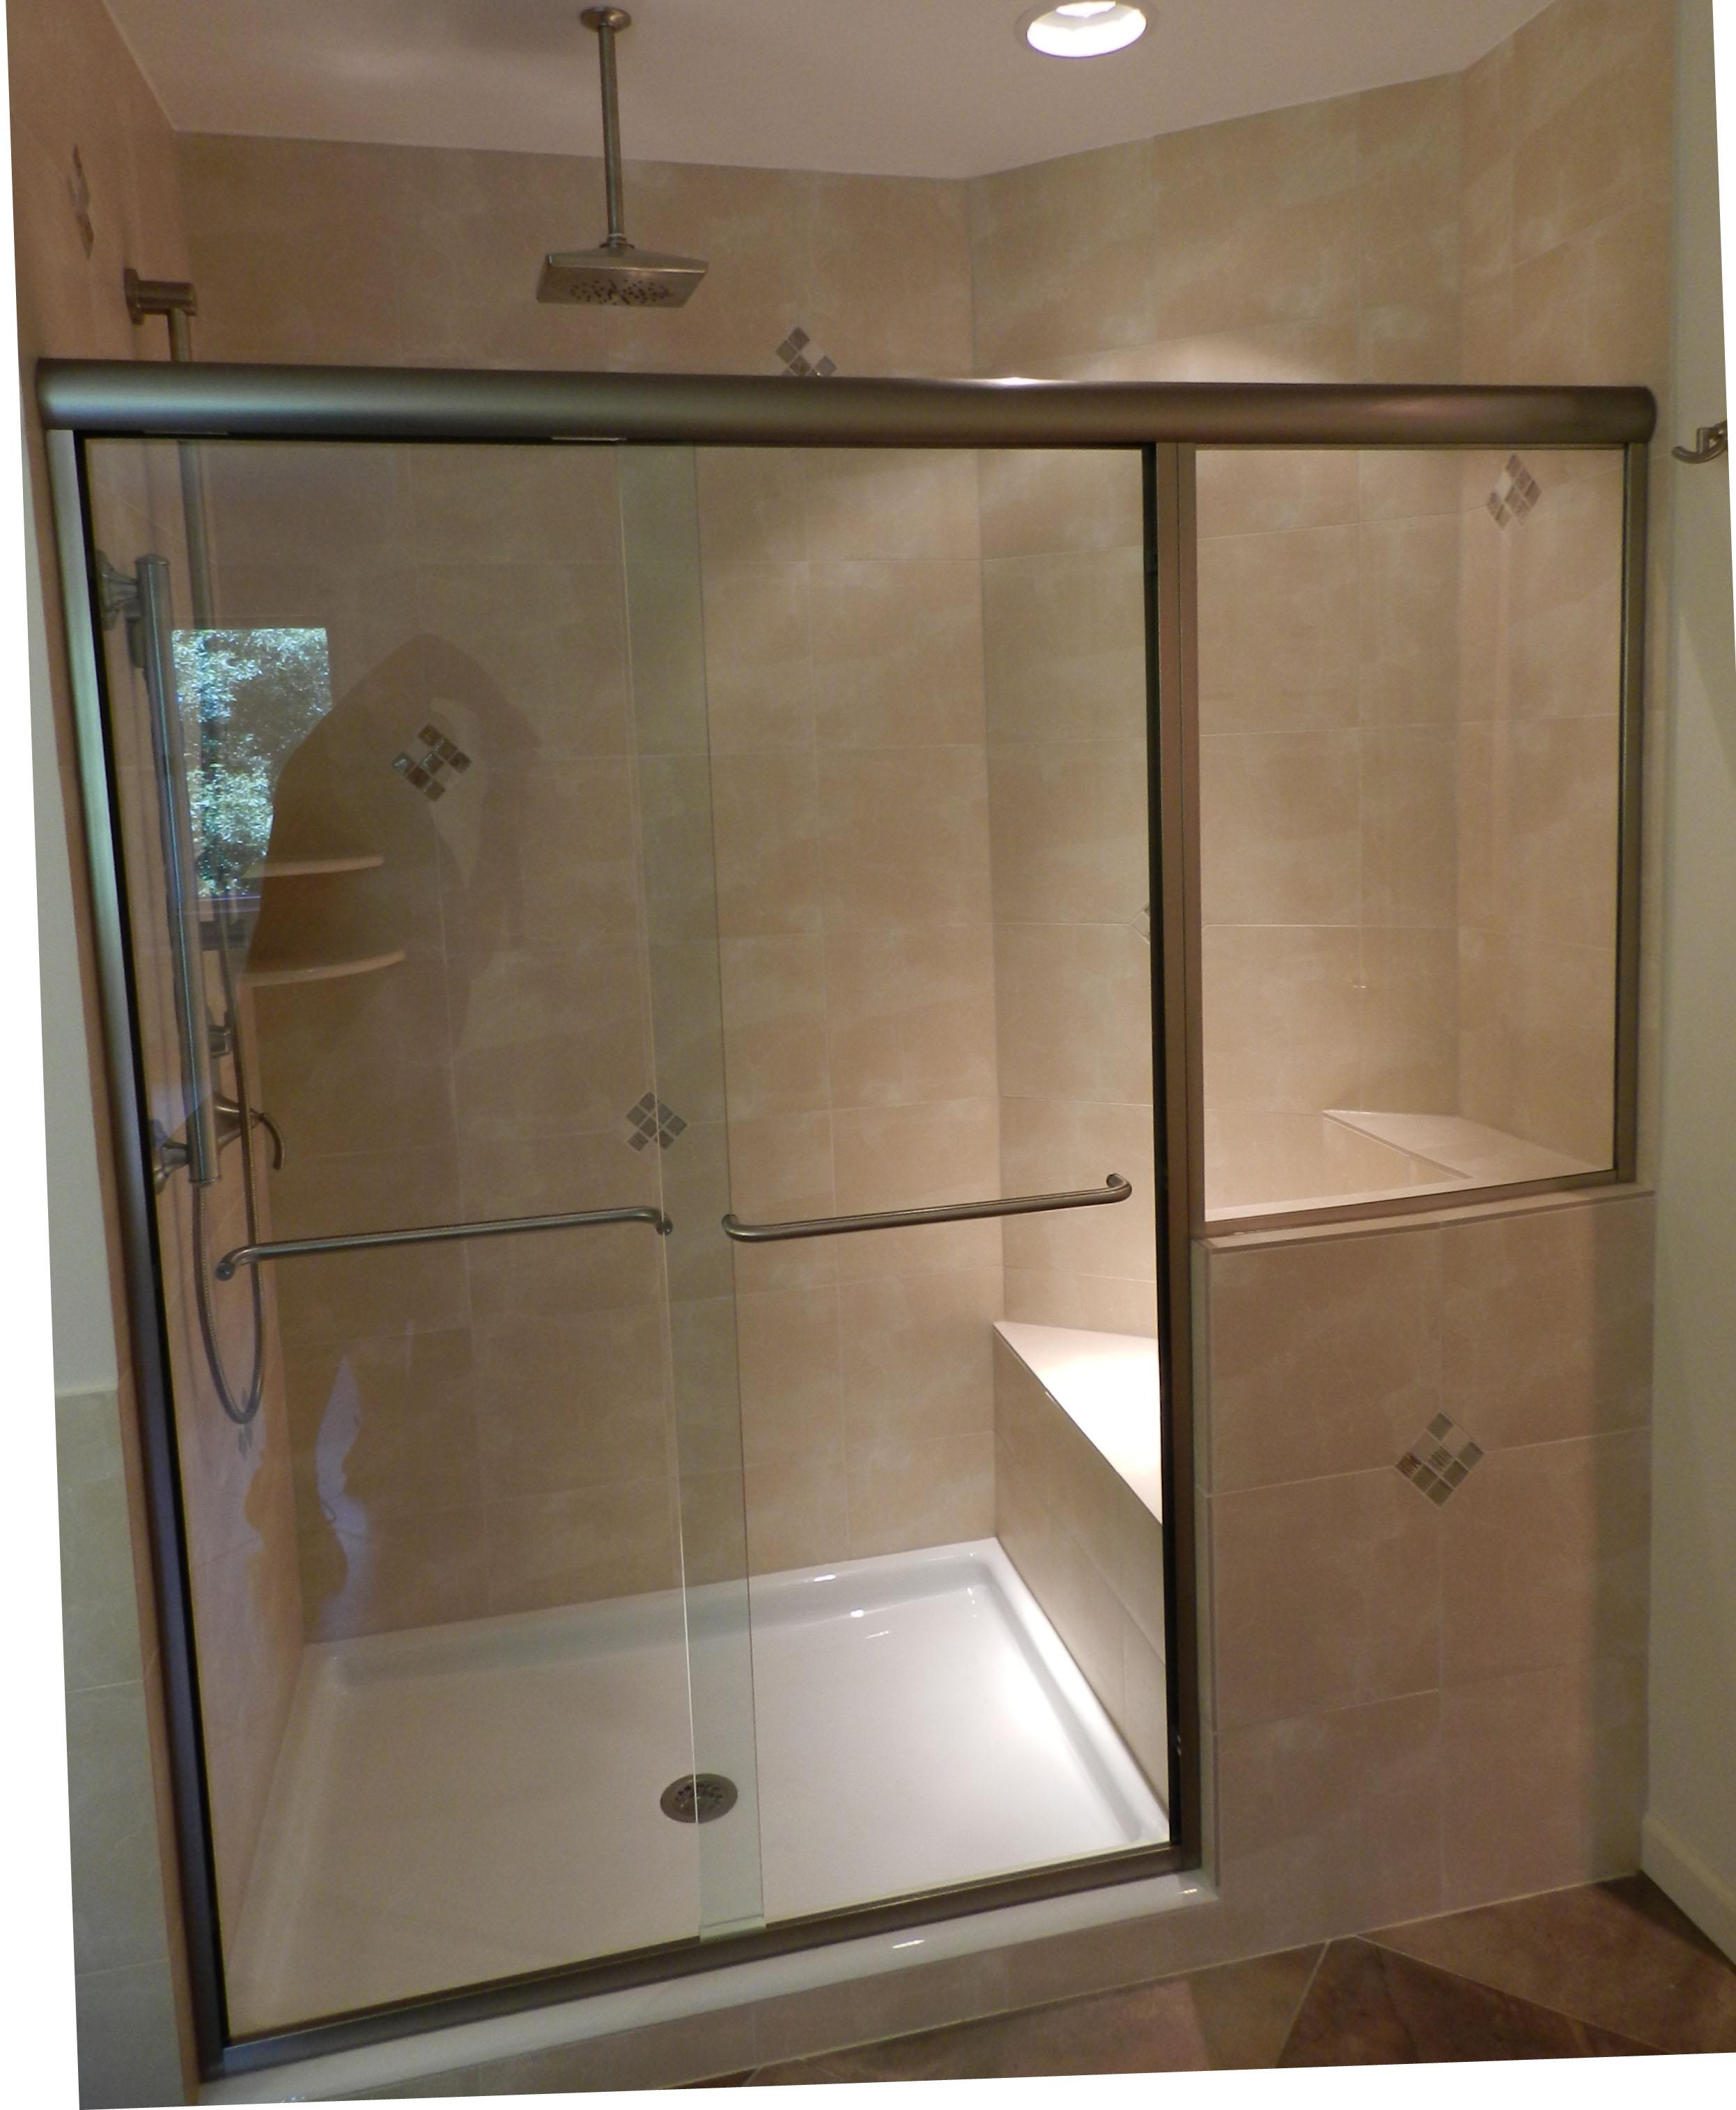 187 Shower Sliders